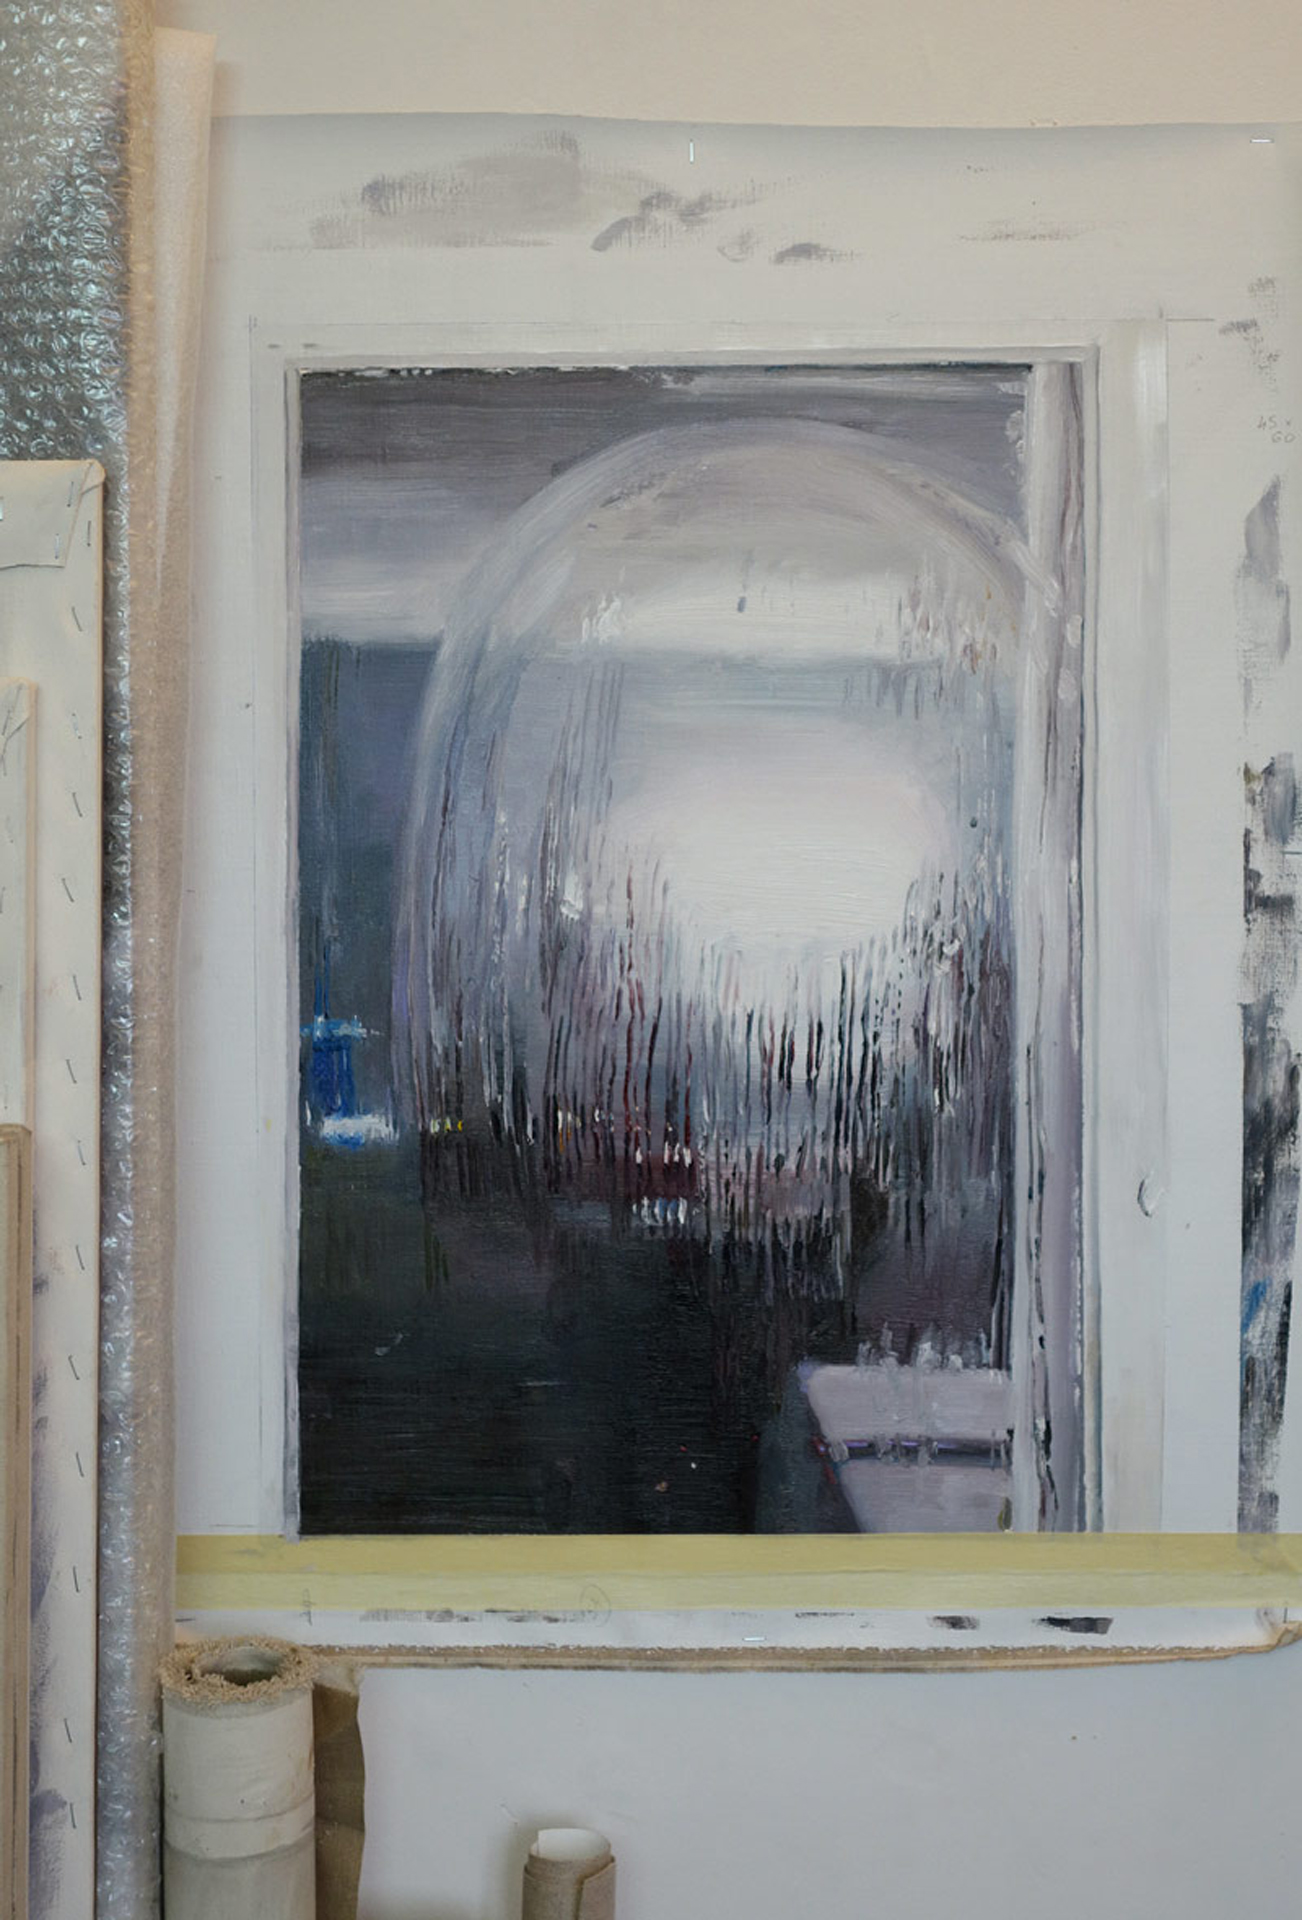 Mireille Blanc, studio view, 2014